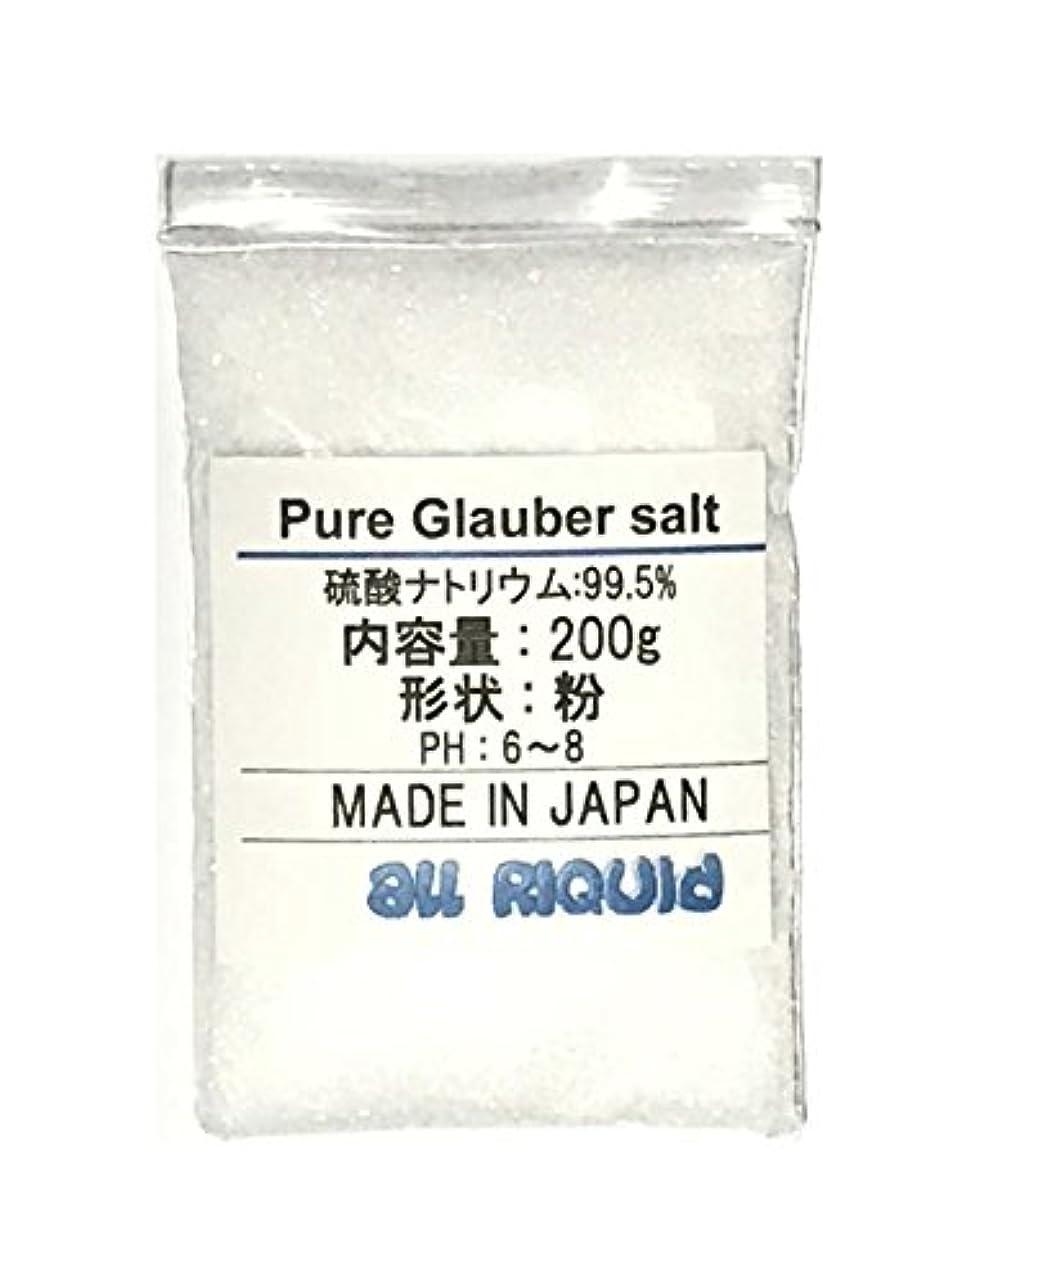 解決回復パドル純 グラウバーソルト 200g x2 (硫酸ナトリウム) 20回分 99.5% 国産品 オールリキッド 芒硝 ジャスミンオイル配合